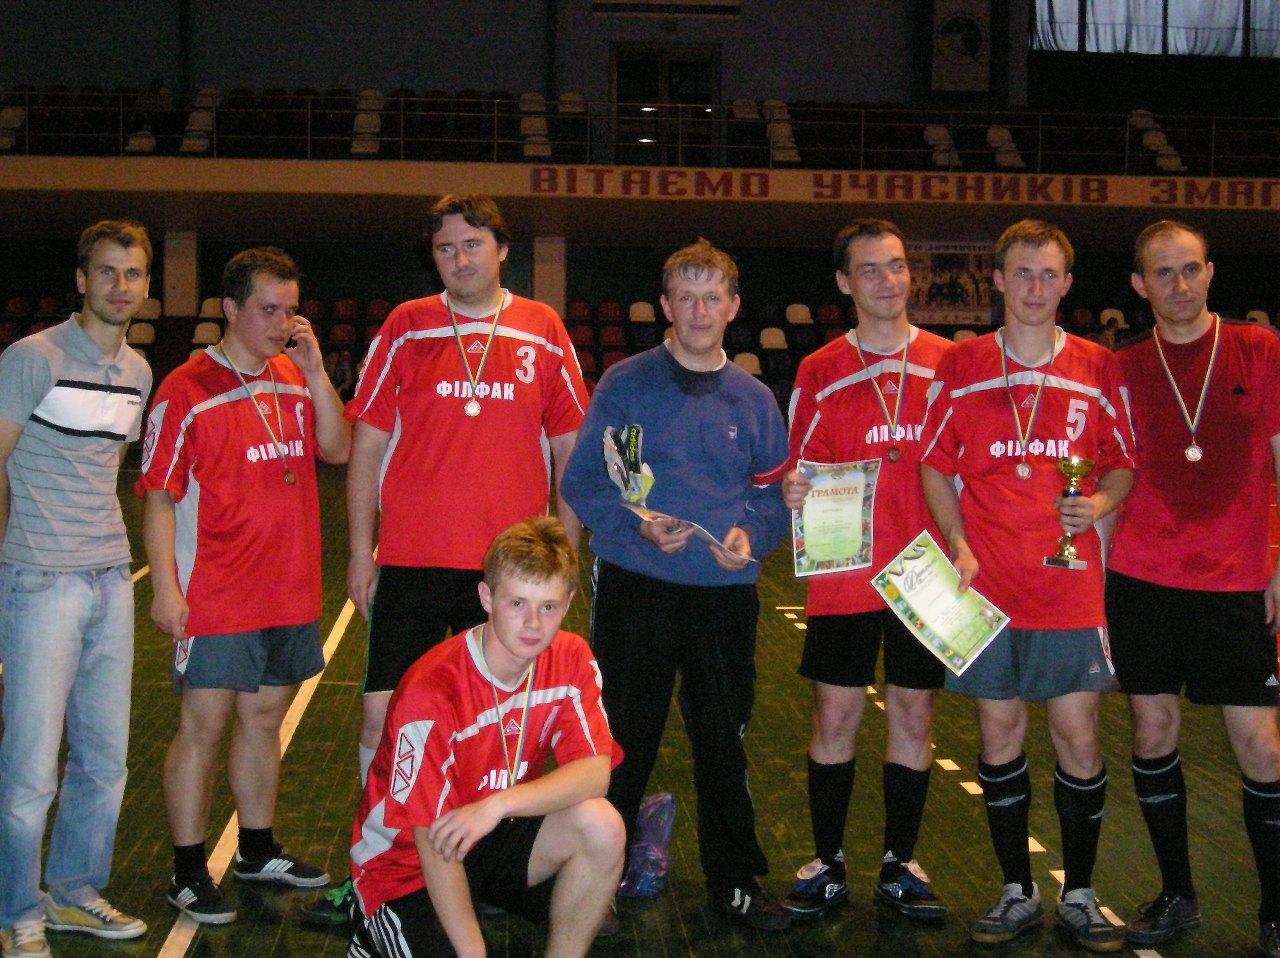 Філфак має бронзових призерів обласного Кубка журналіста з футболу!